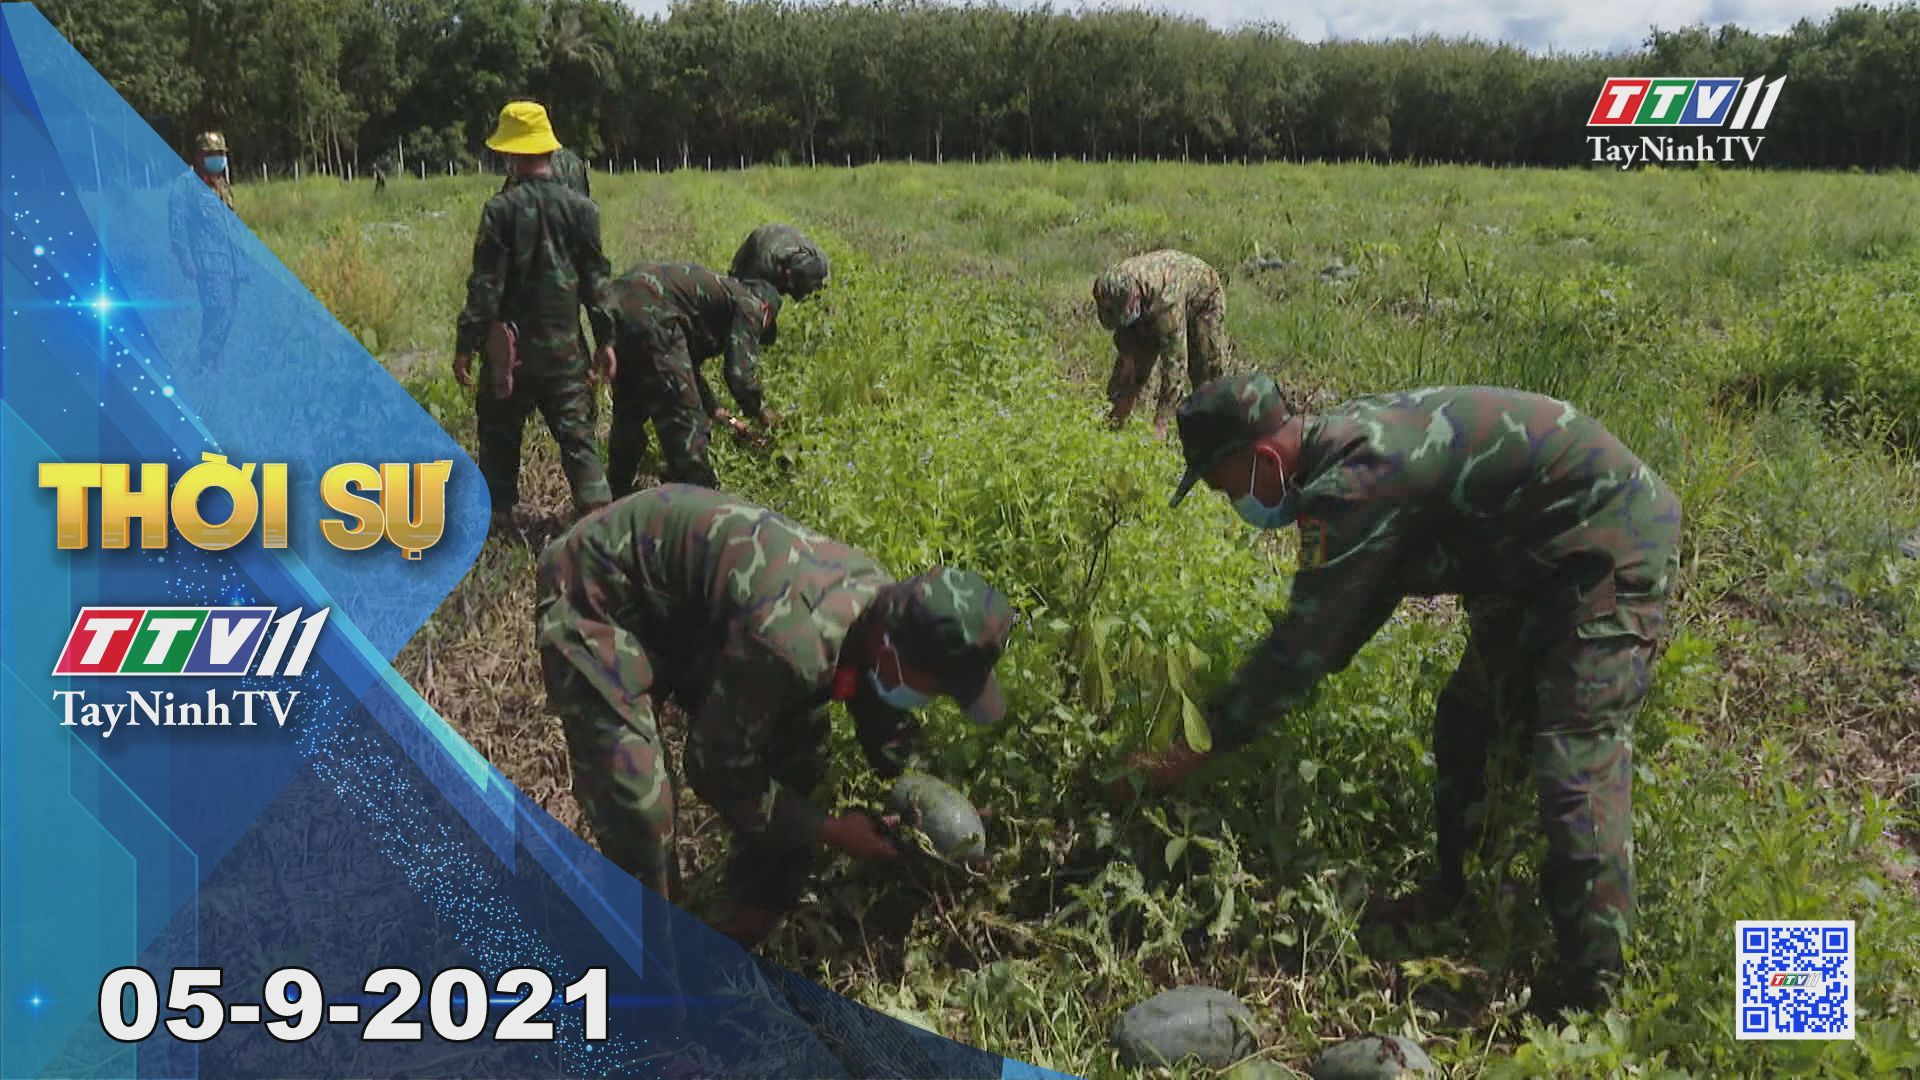 Thời sự Tây Ninh 05-9-2021 | Tin tức hôm nay | TayNinhTV